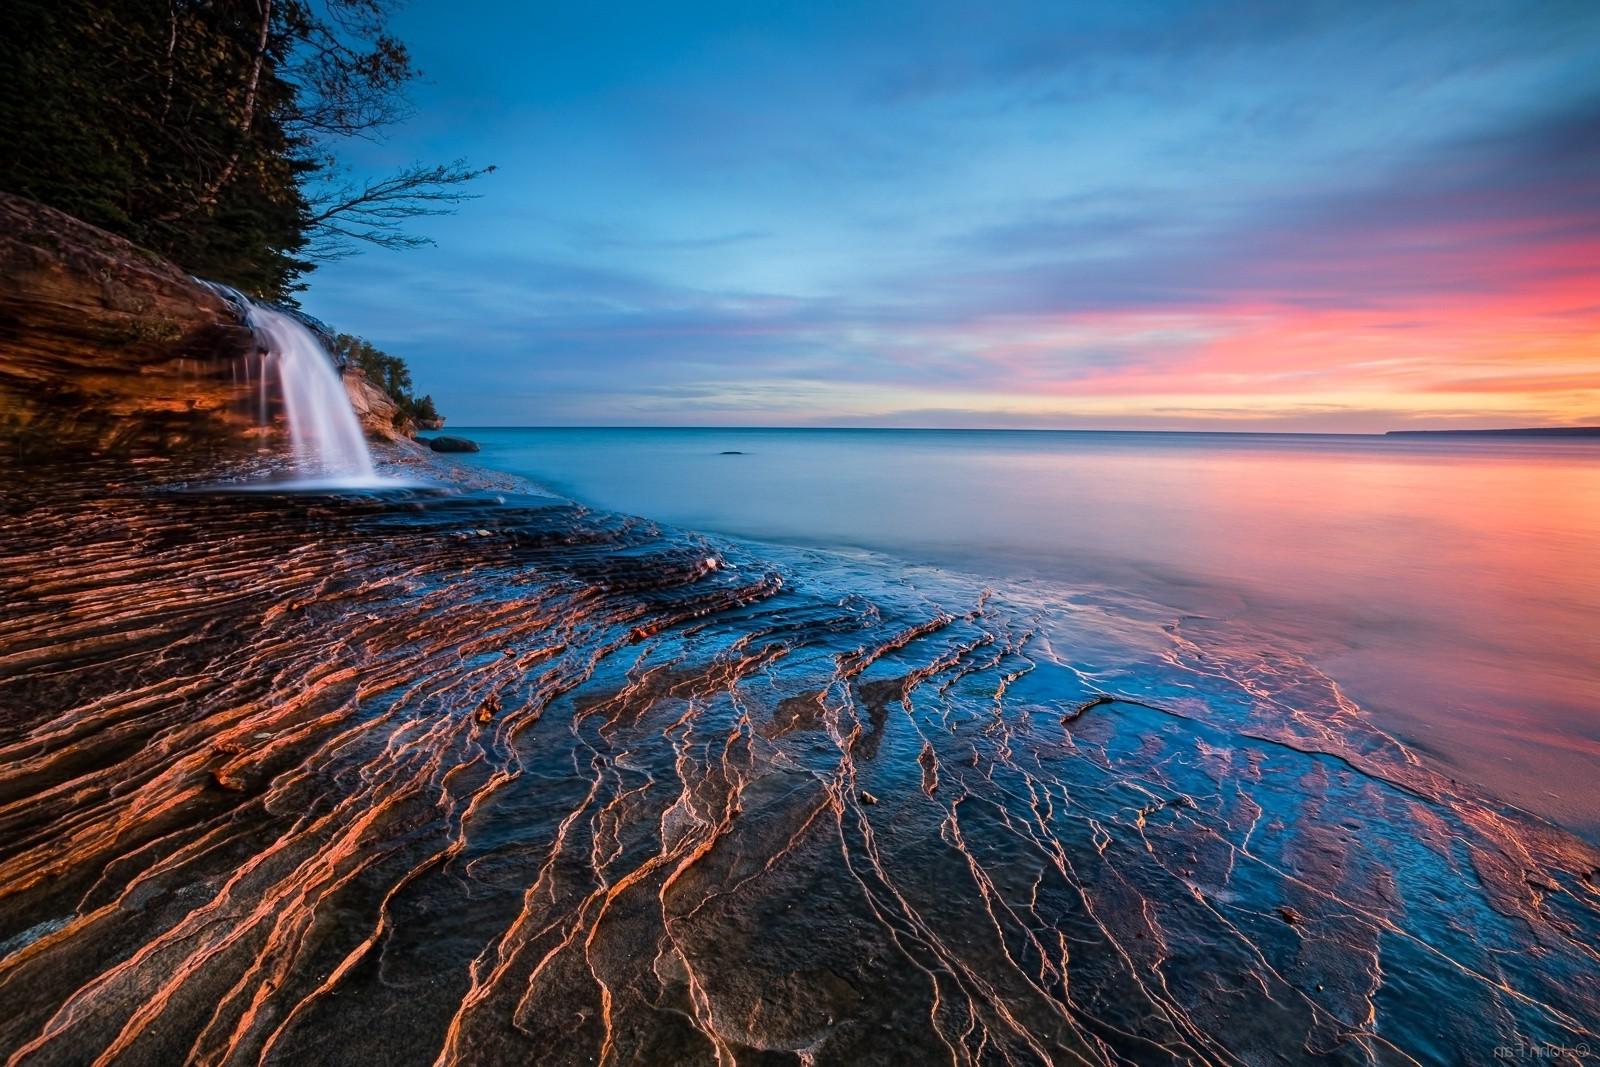 Free Images 4k Wallpaper Beach Calm Cliff Clouds Hd: Wallpaper : Sunlight, Landscape, Waterfall, Sunset, Sea